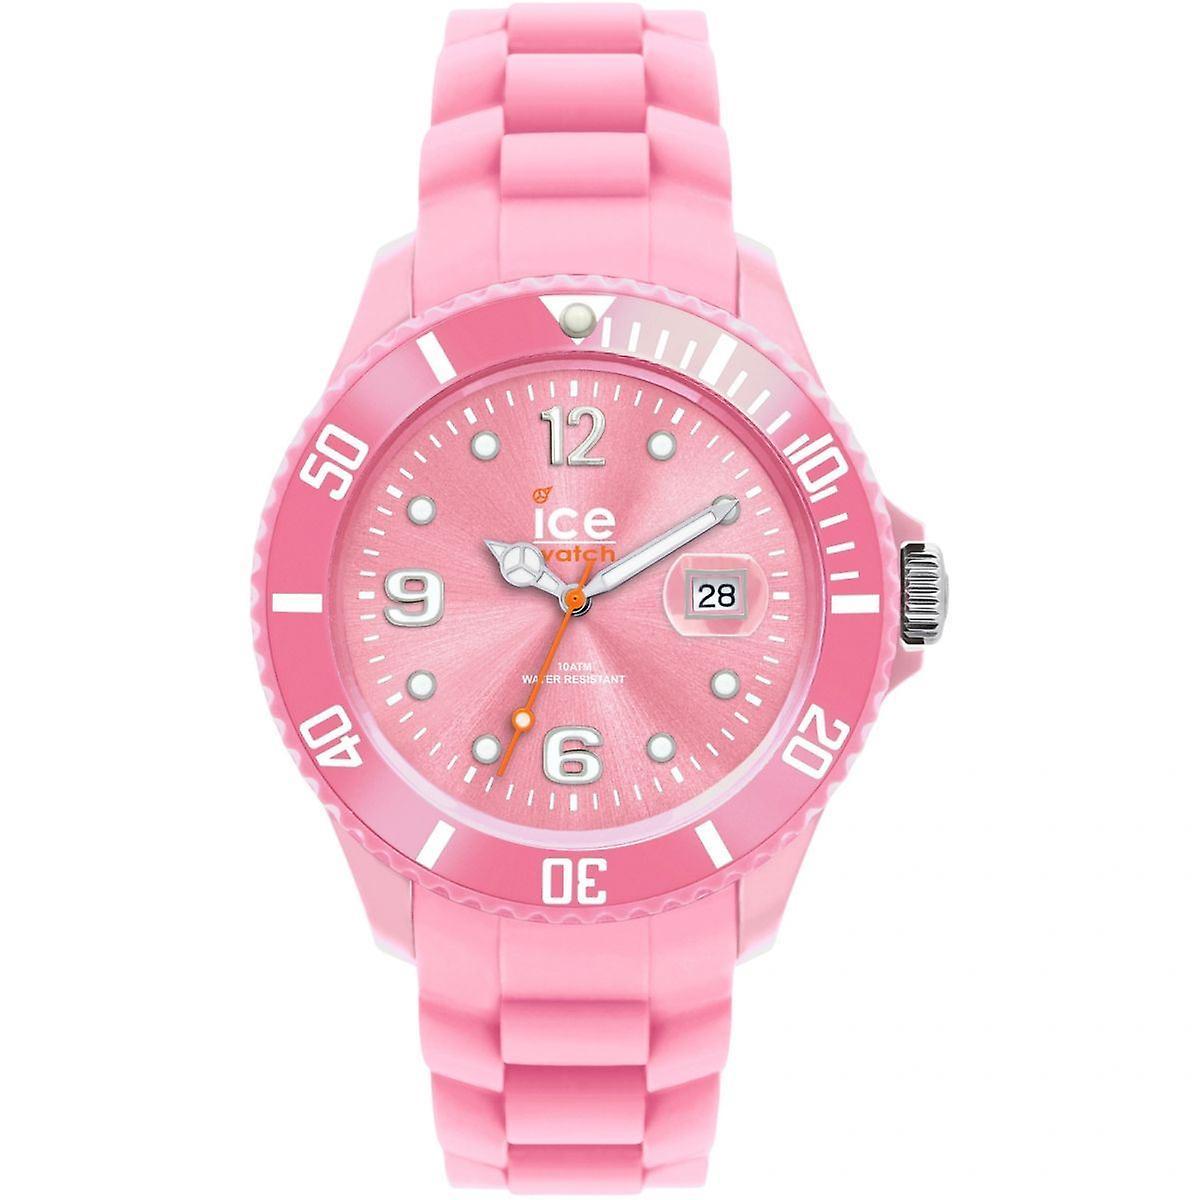 GLACE dames montre femmes rose visage bracelet rose 000140